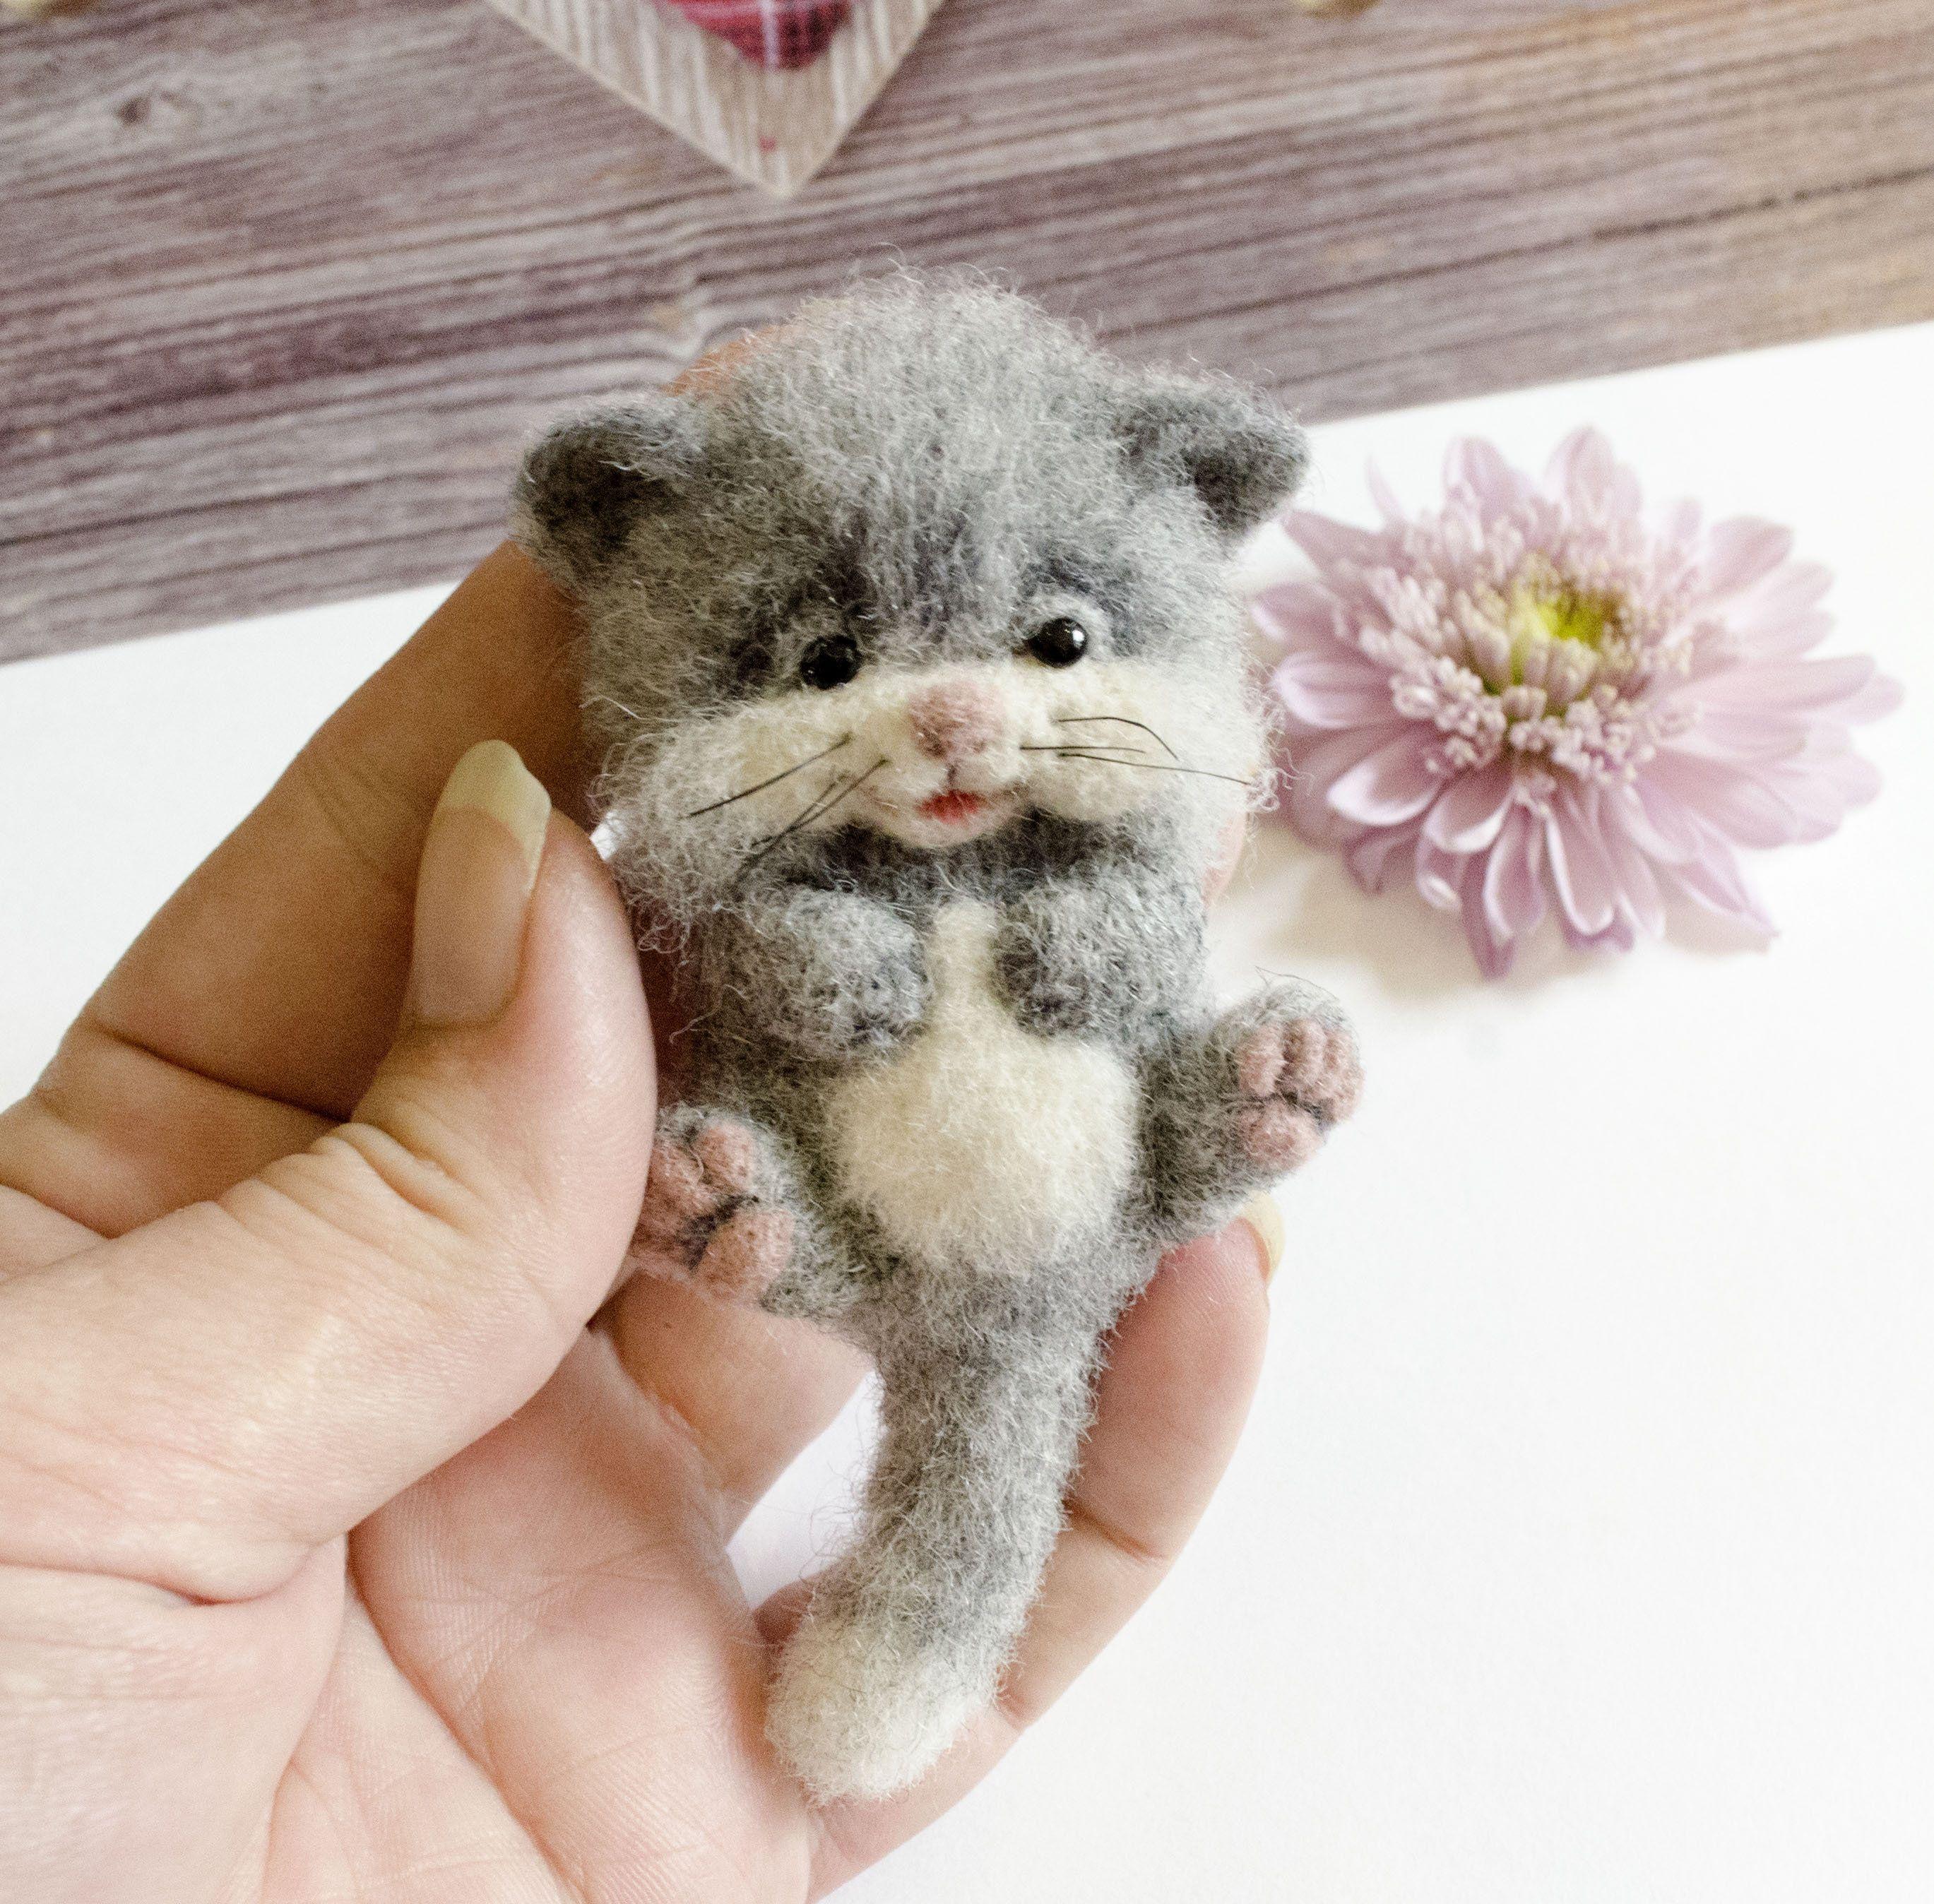 Animal Brooch Cute Gray Kitten Felted Cat Ooak By Needlefeltedtoysart On Etsy Cute Hamsters Grey Kitten Felt Cat